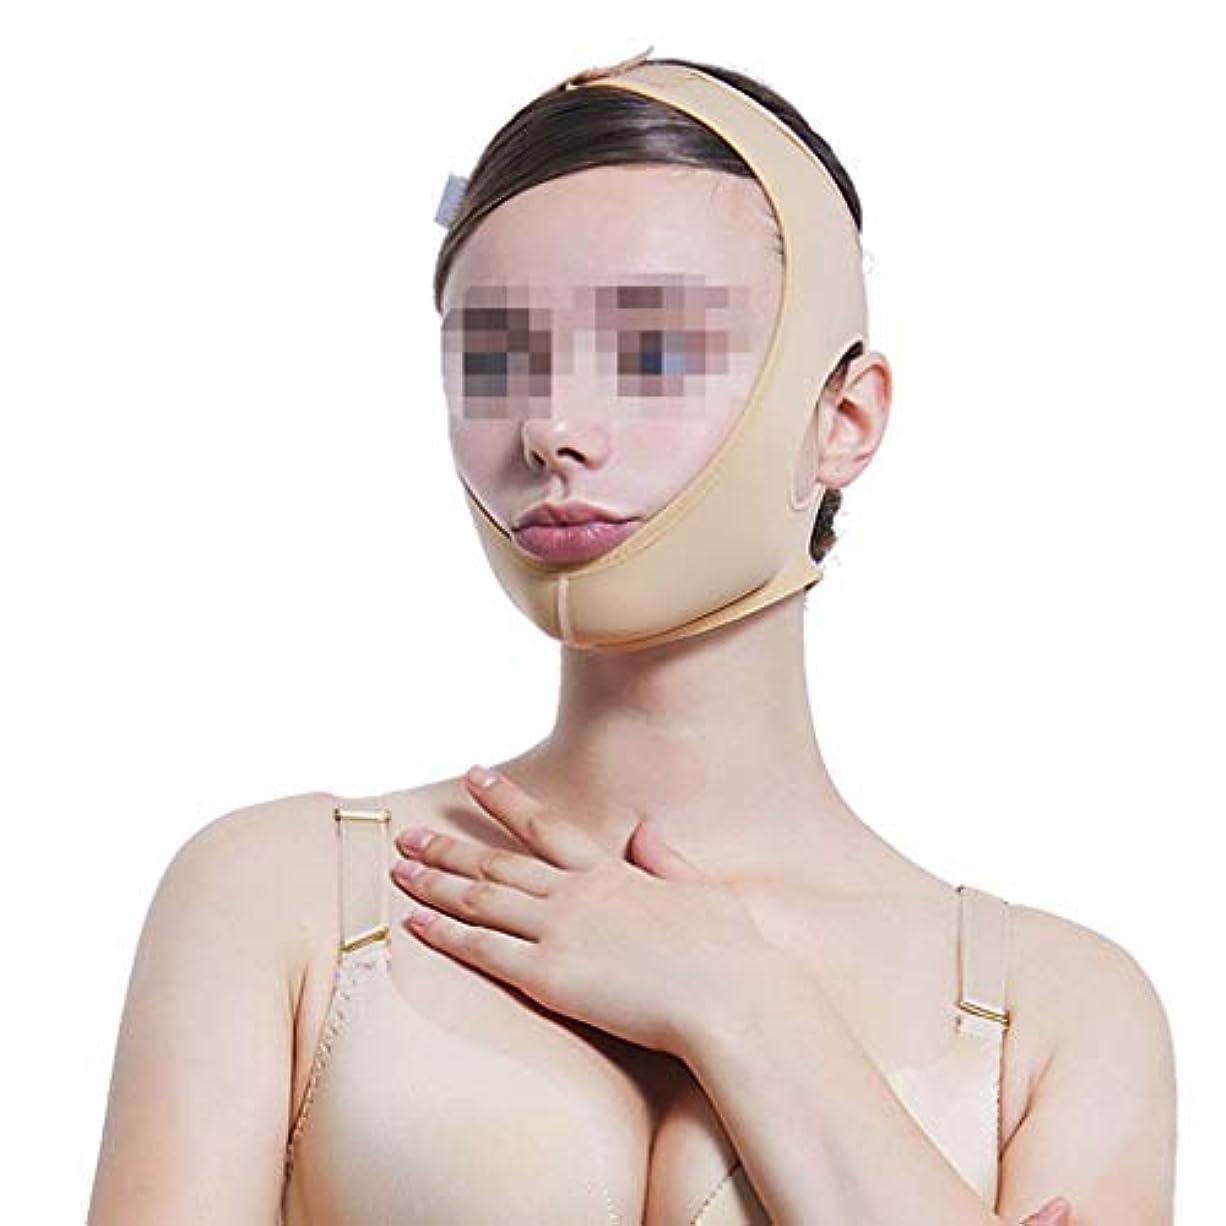 根絶する政治橋ビームフェイス弾性ヘッドギア、ダブルあごのあごのセットをマスクの後に線彫り薄いフェイス包帯マルチサイズオプション(サイズ:XS),XS